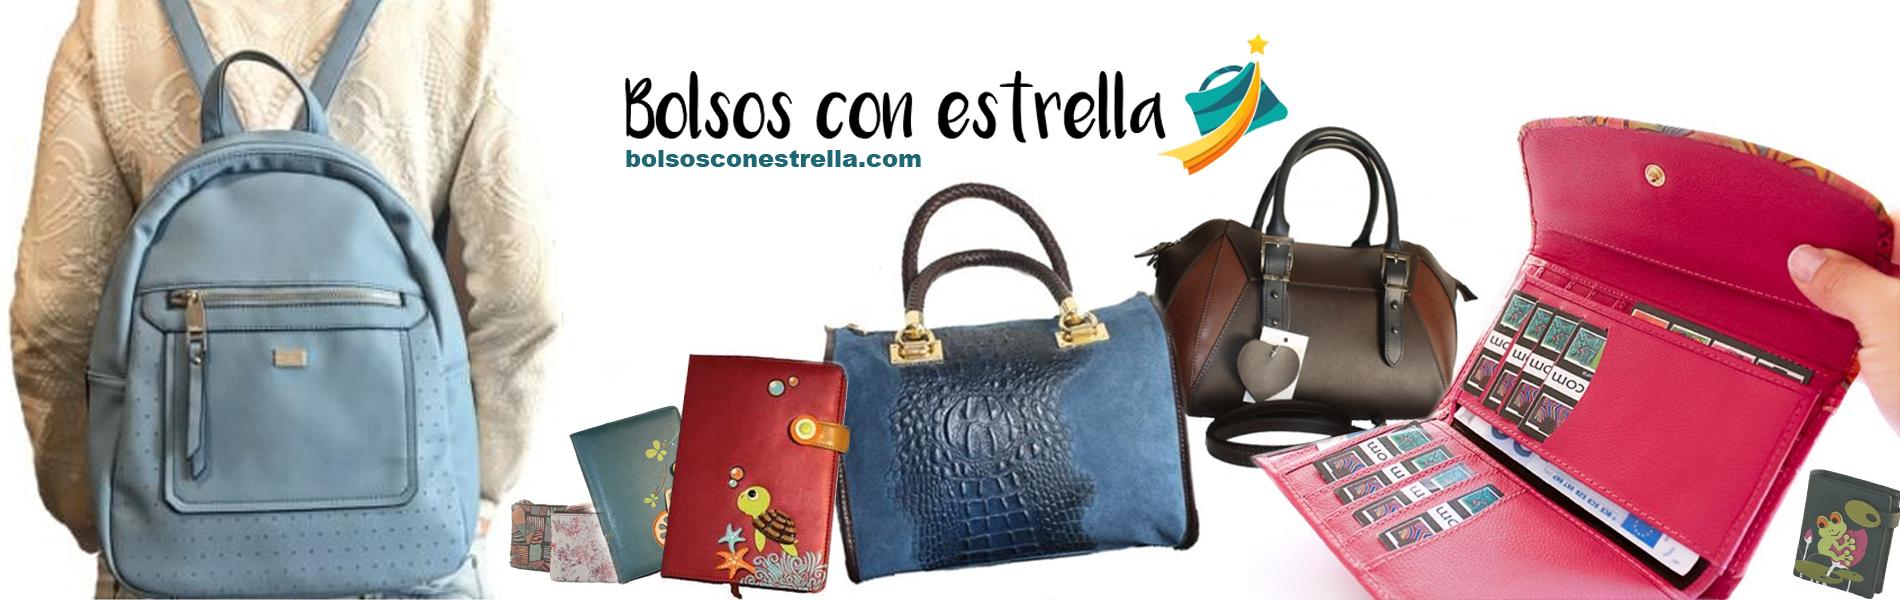 Tienda online especialista en Bolsos, Carteras y Billeteras para Mujer en piel o eco piel – bolsosconestrella.com